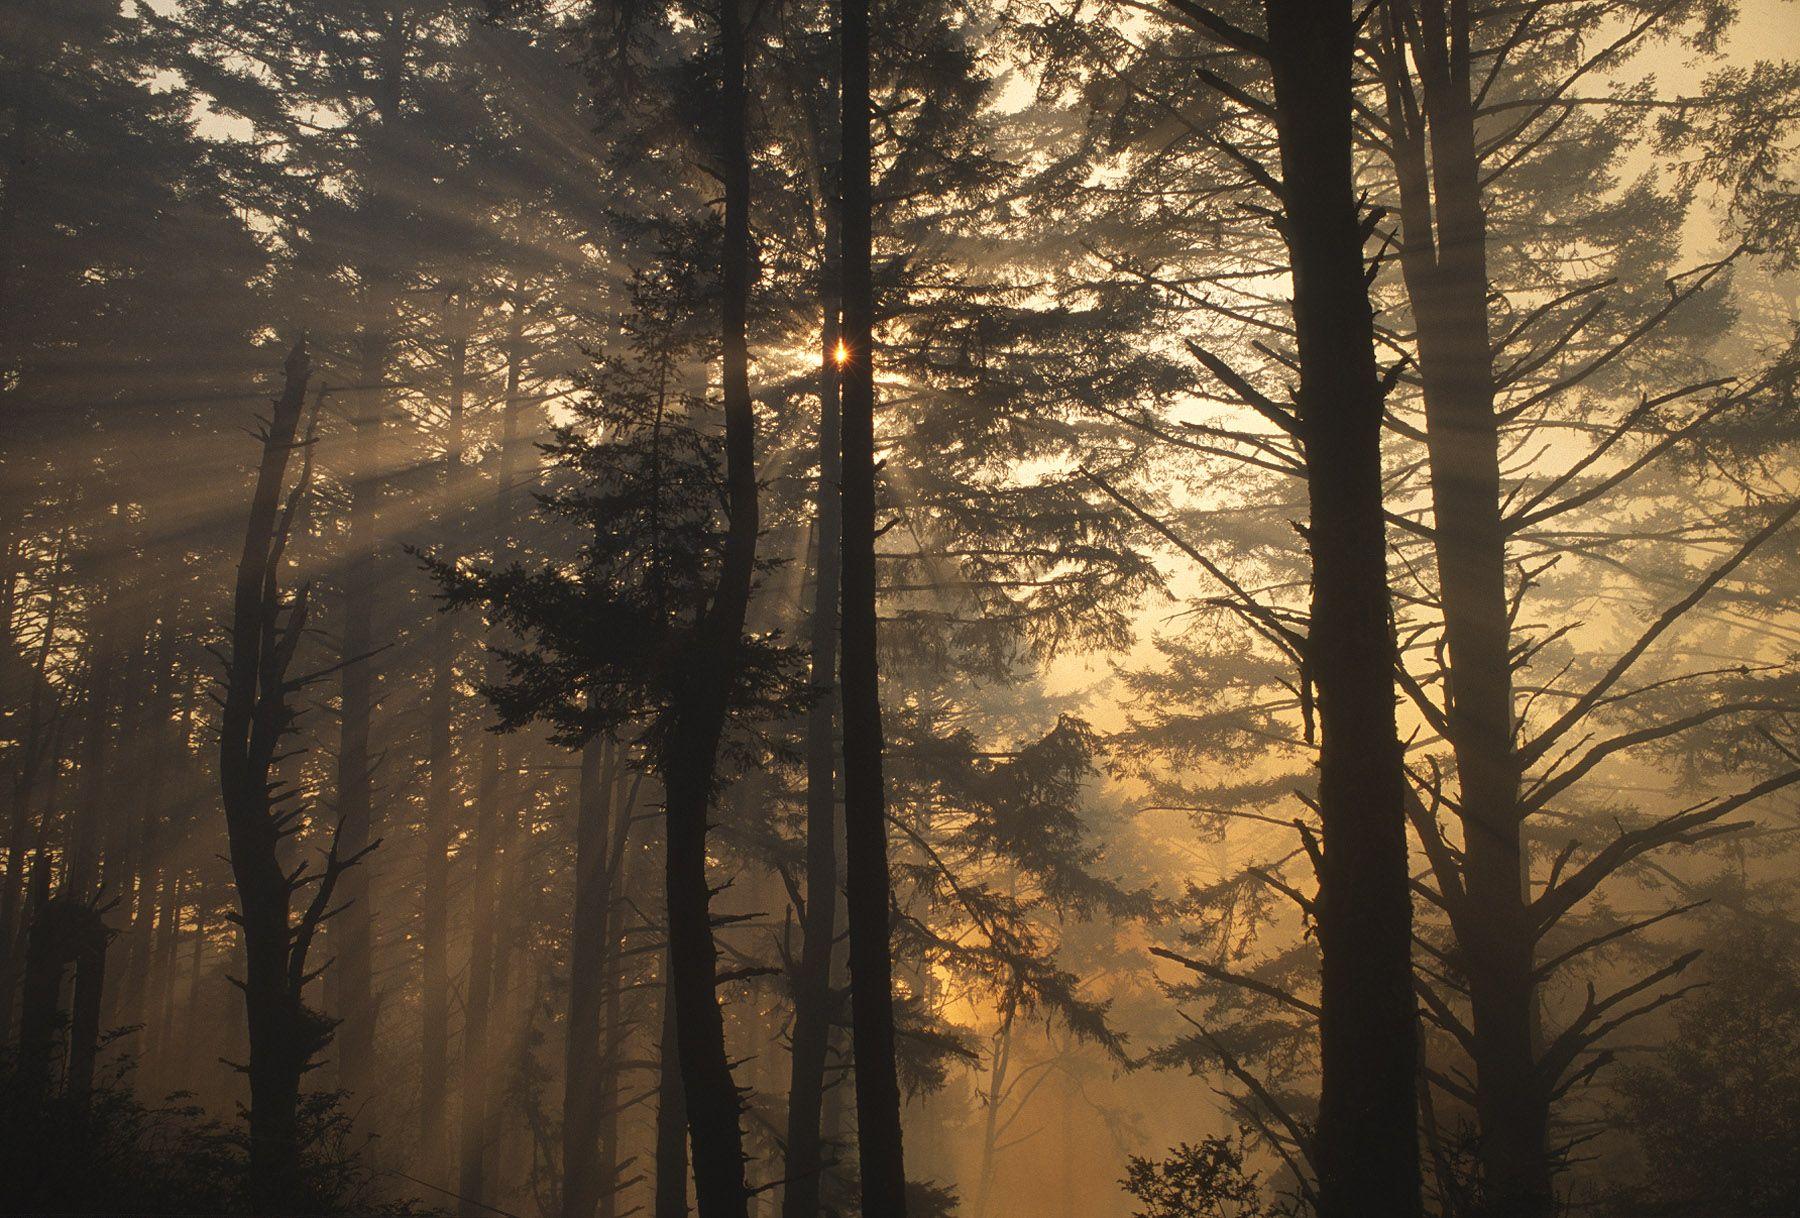 D28513BF_Vision Fire Douglas fir forest near Sky Trail afternoon sunburst-.jpg